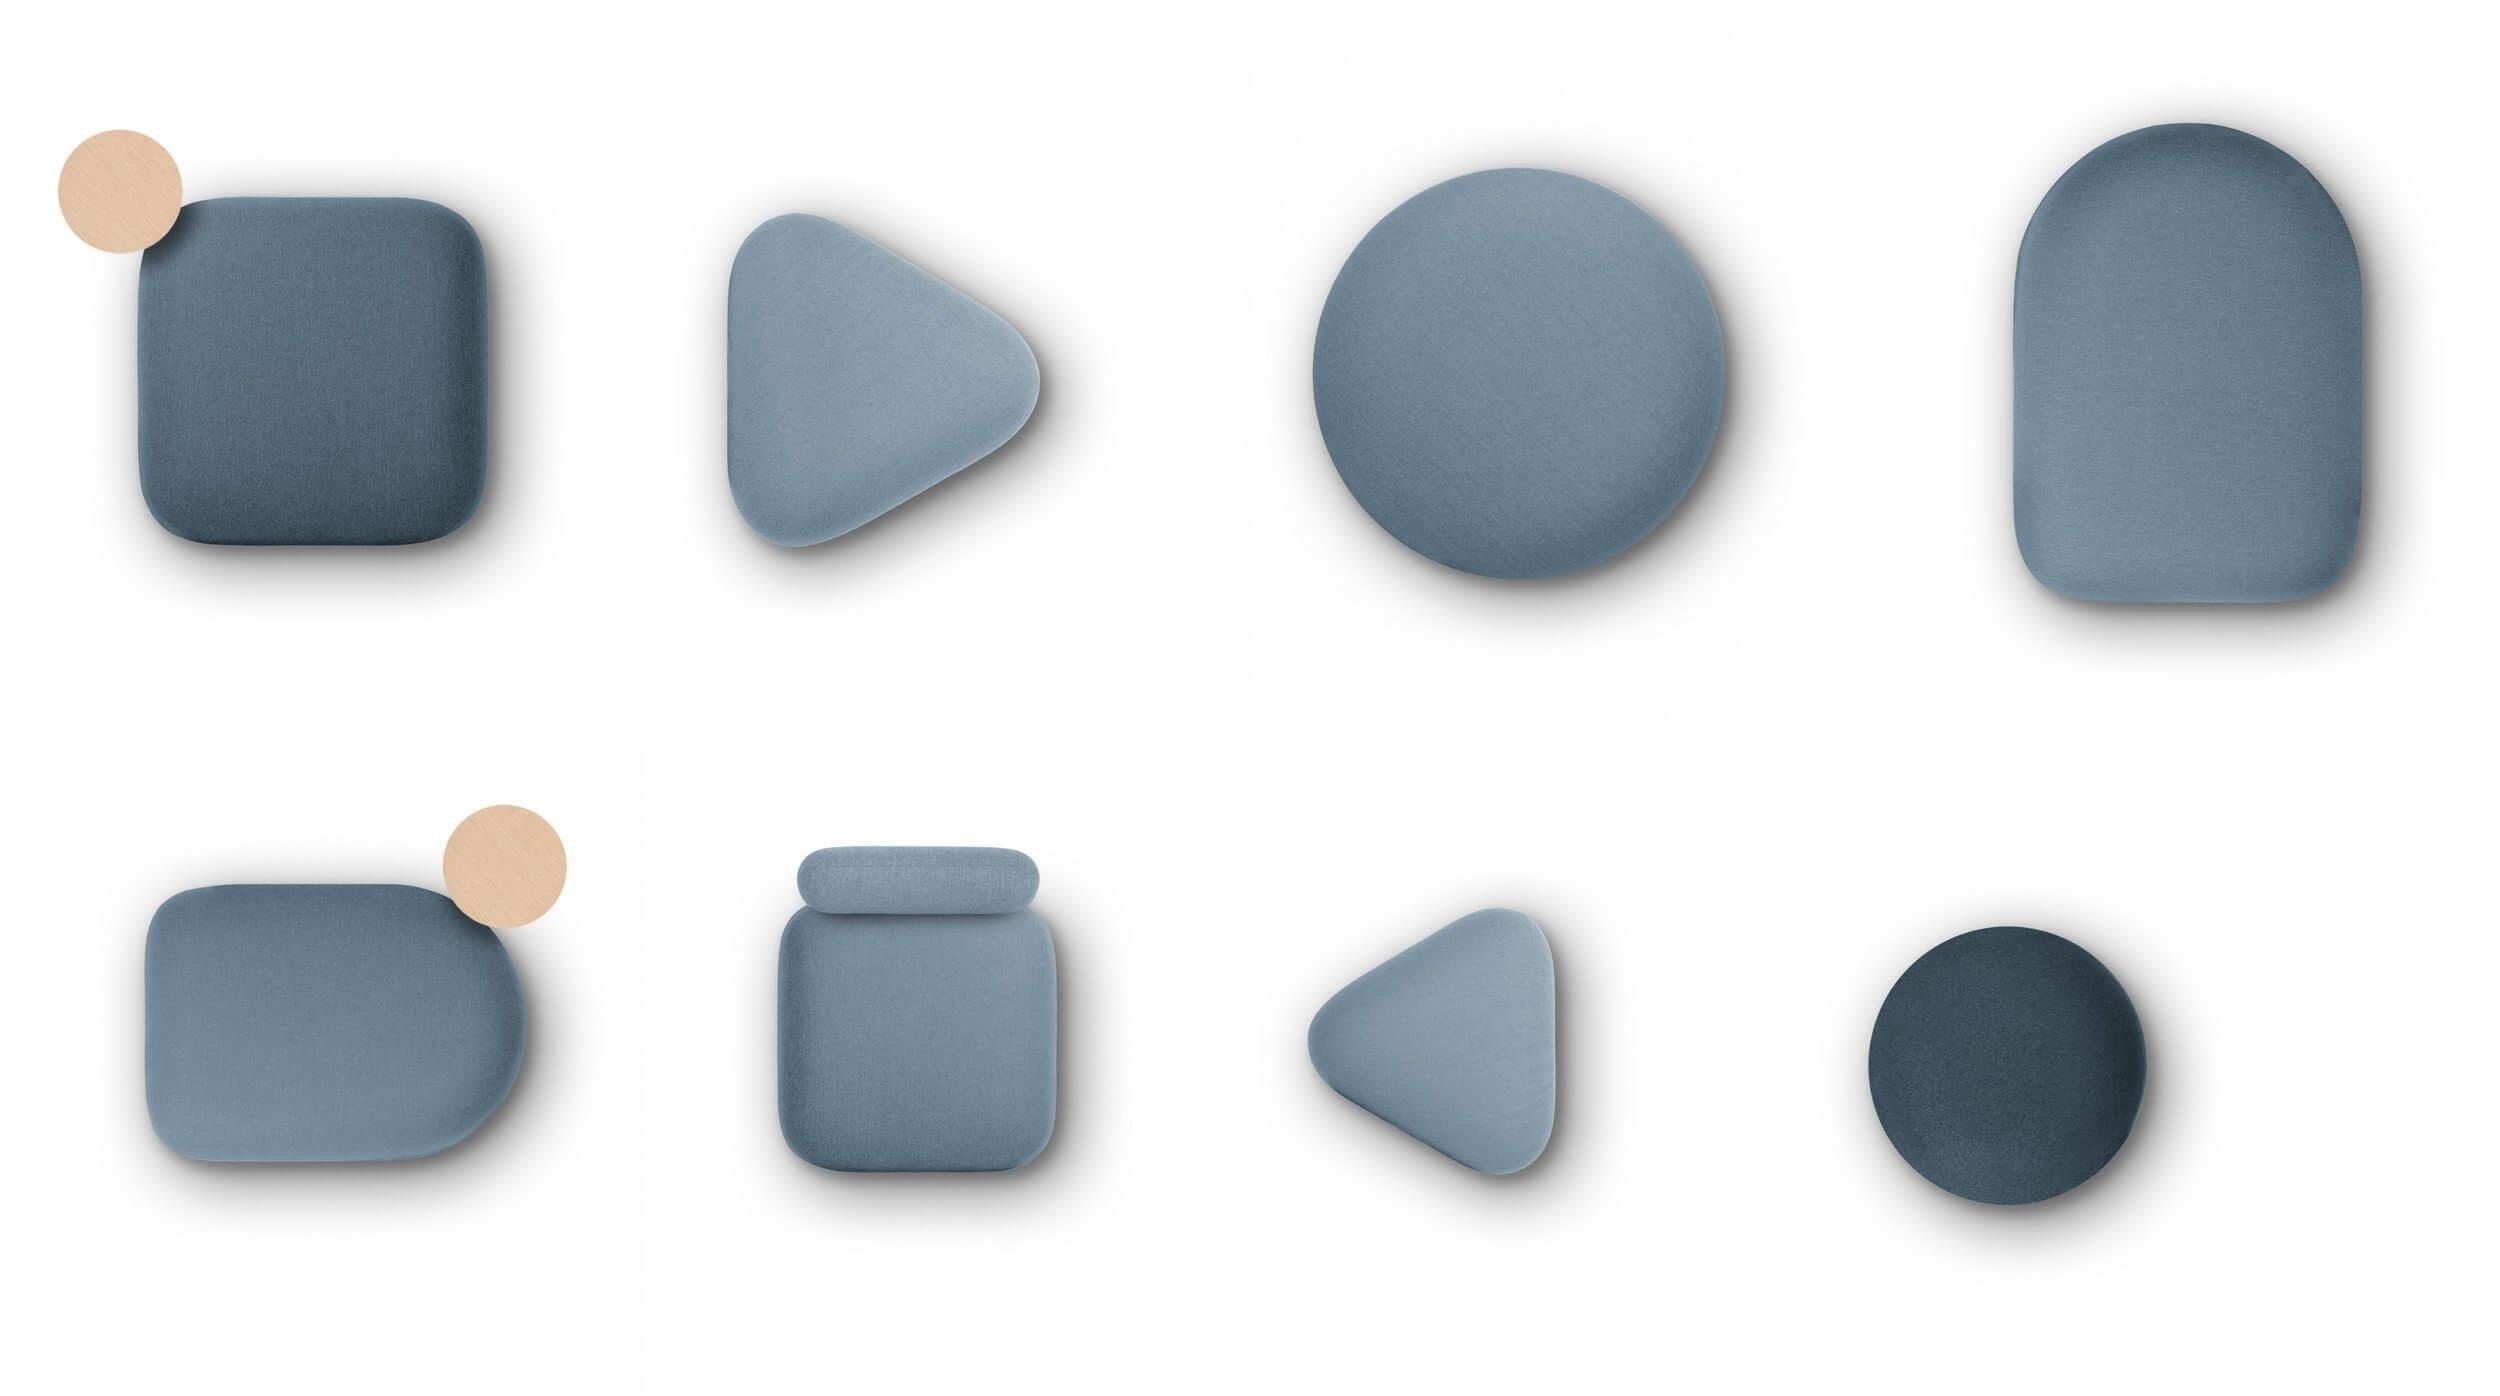 Poufs design petits et grands formats